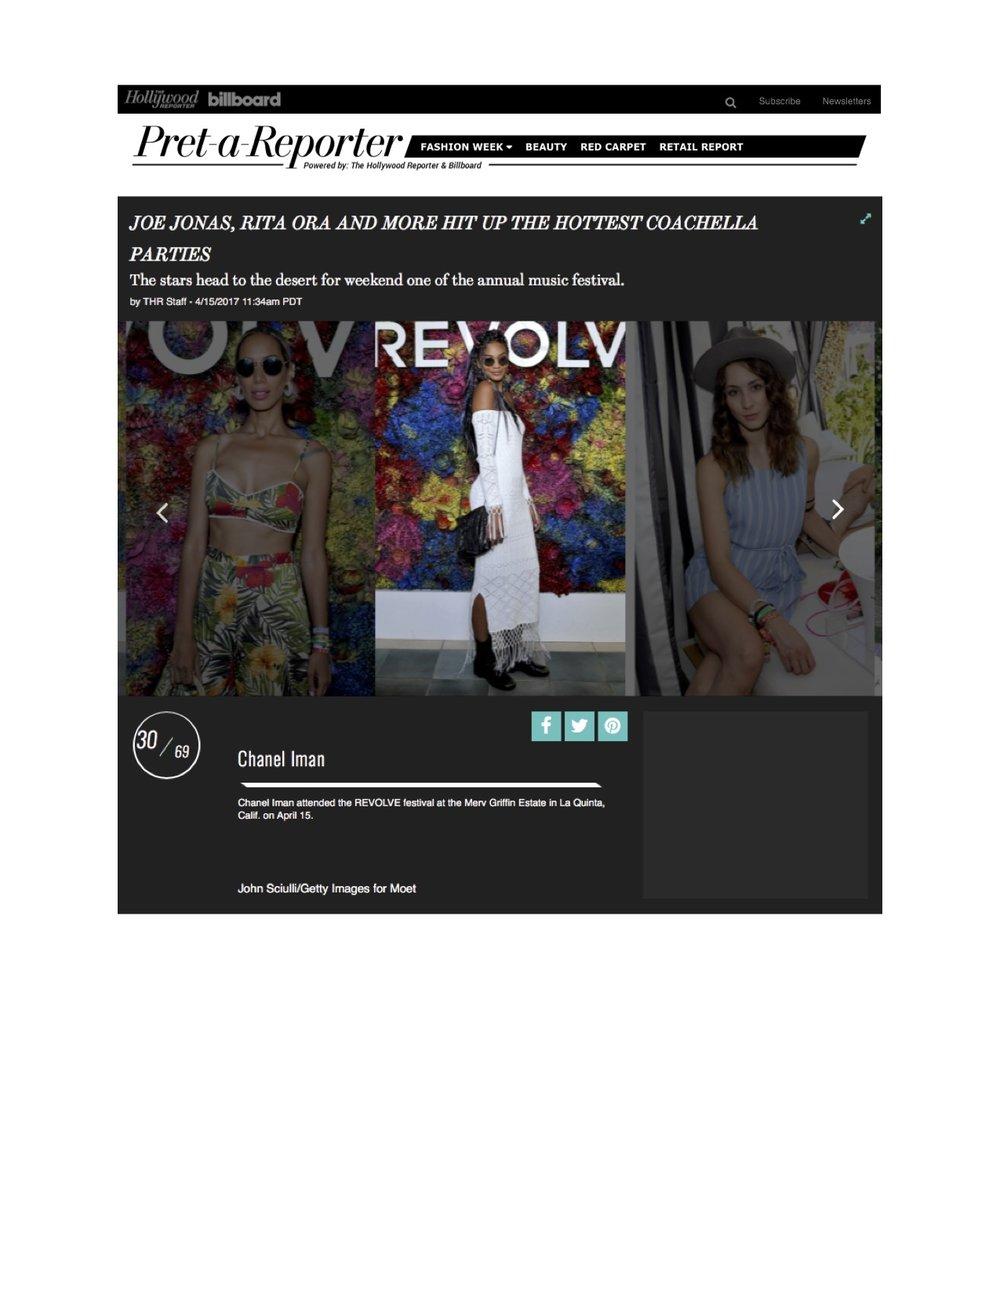 HollywoodReporter.com - Chanel Iman - REVOLVE Festival 6.jpg